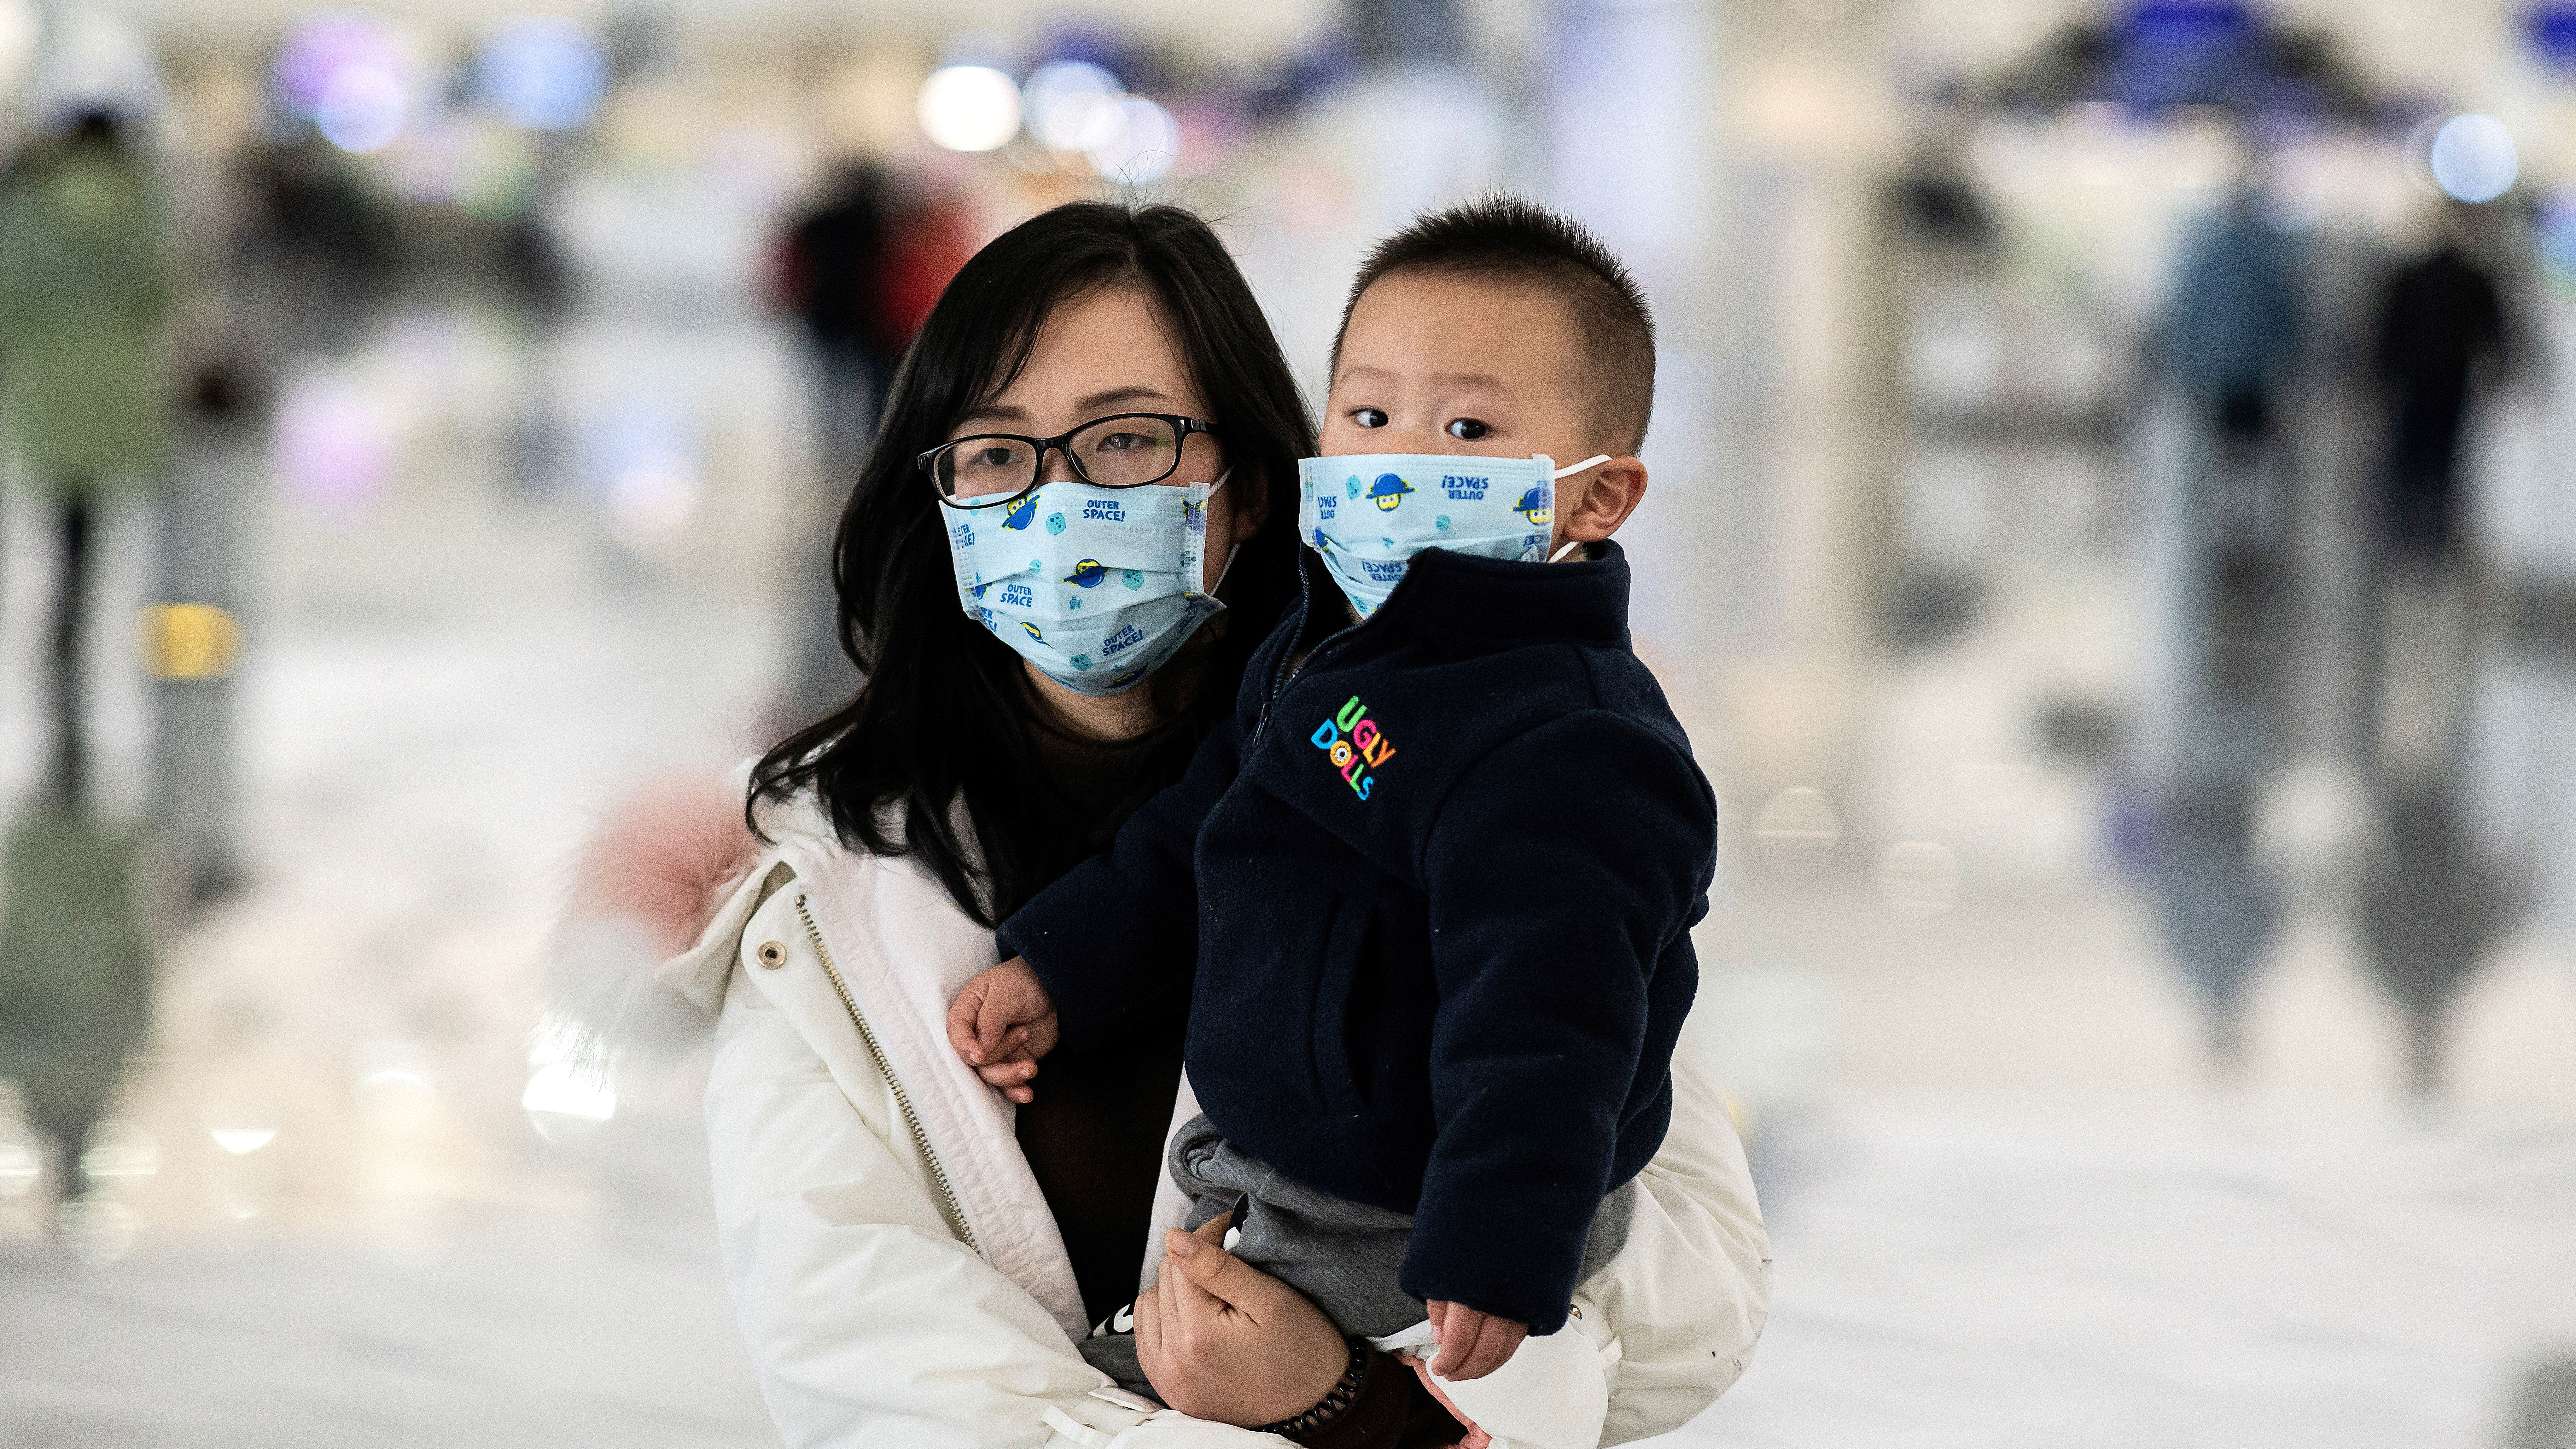 Una mujer y un niño con máscaras protectoras caminan hacia los mostradores de facturación en el aeropuerto internacional de Daxing en Beijing el 21 de enero de 2020. (Foto por NICOLAS ASFOURI / AFP)